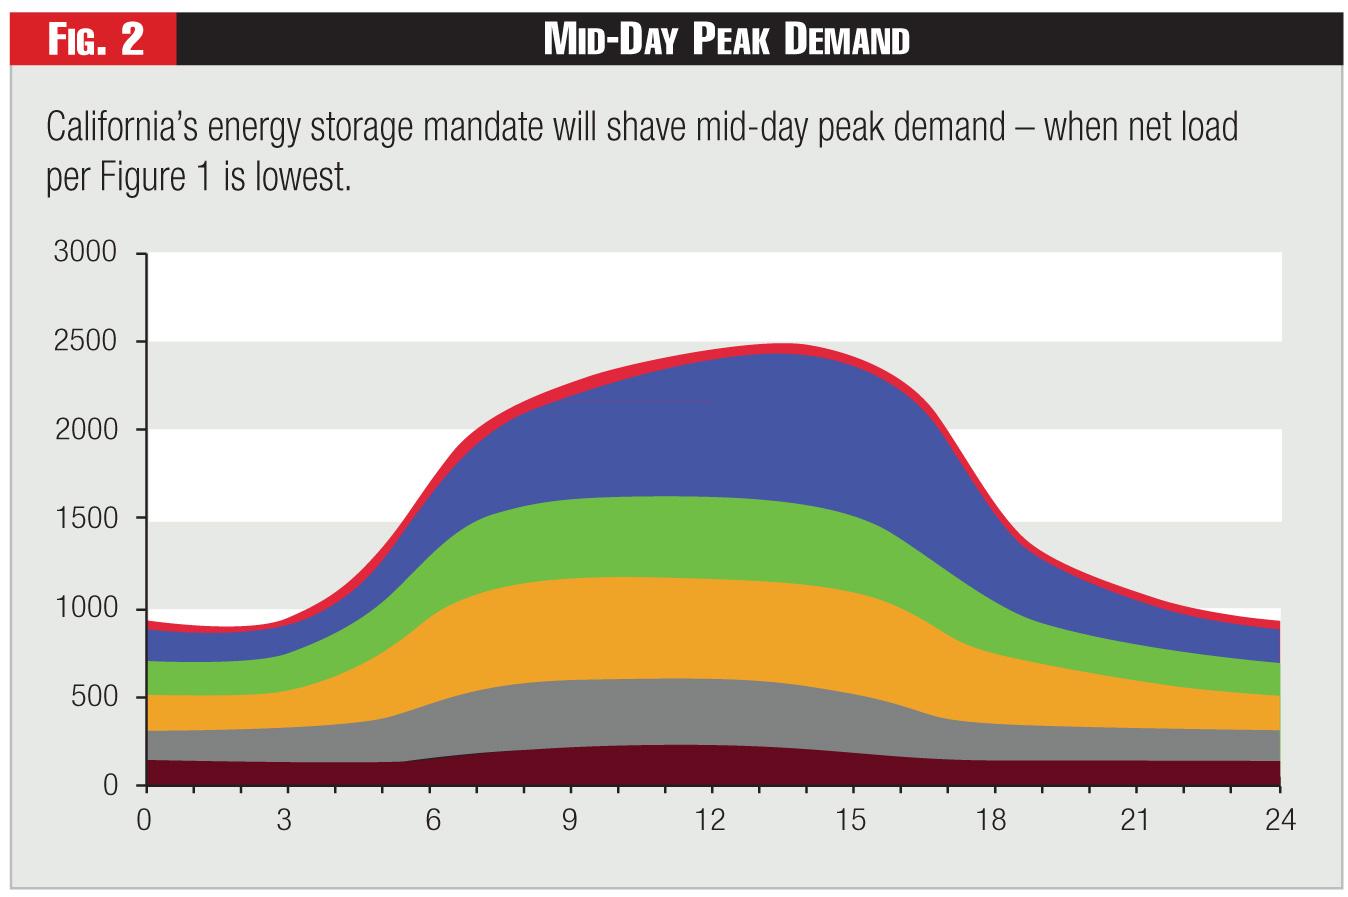 Figure 2 - Mid-Day Peak Demand